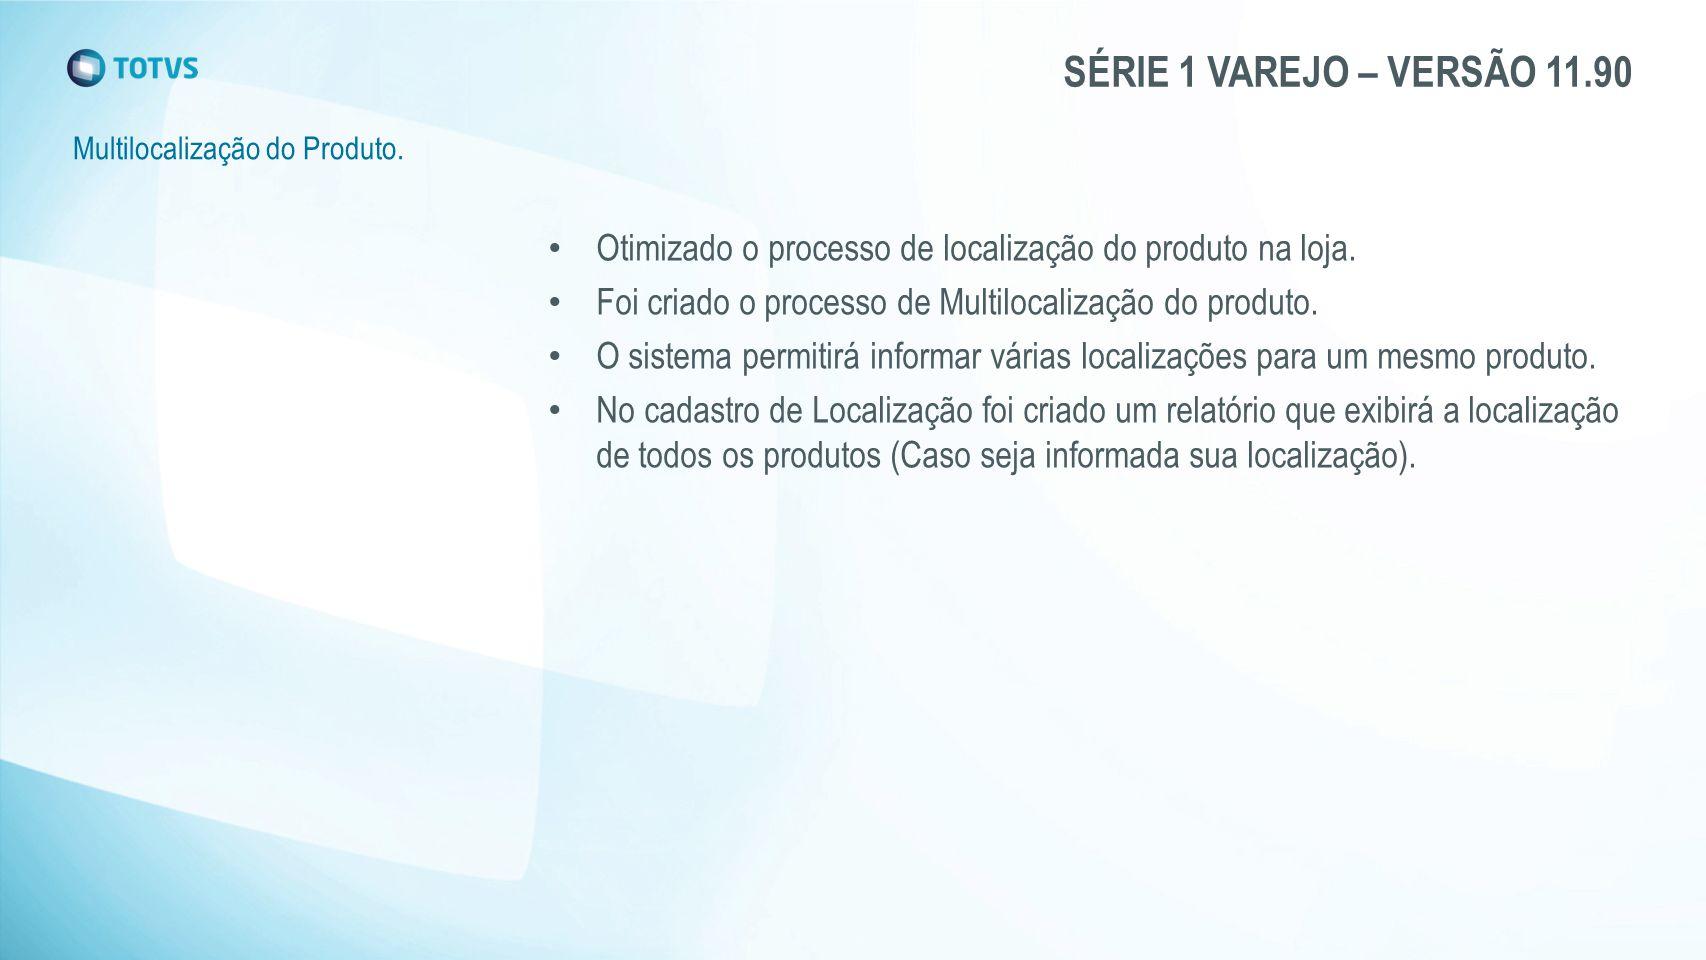 SÉRIE 1 VAREJO – VERSÃO 11.90 Multilocalização do Produto. Otimizado o processo de localização do produto na loja. Foi criado o processo de Multilocal